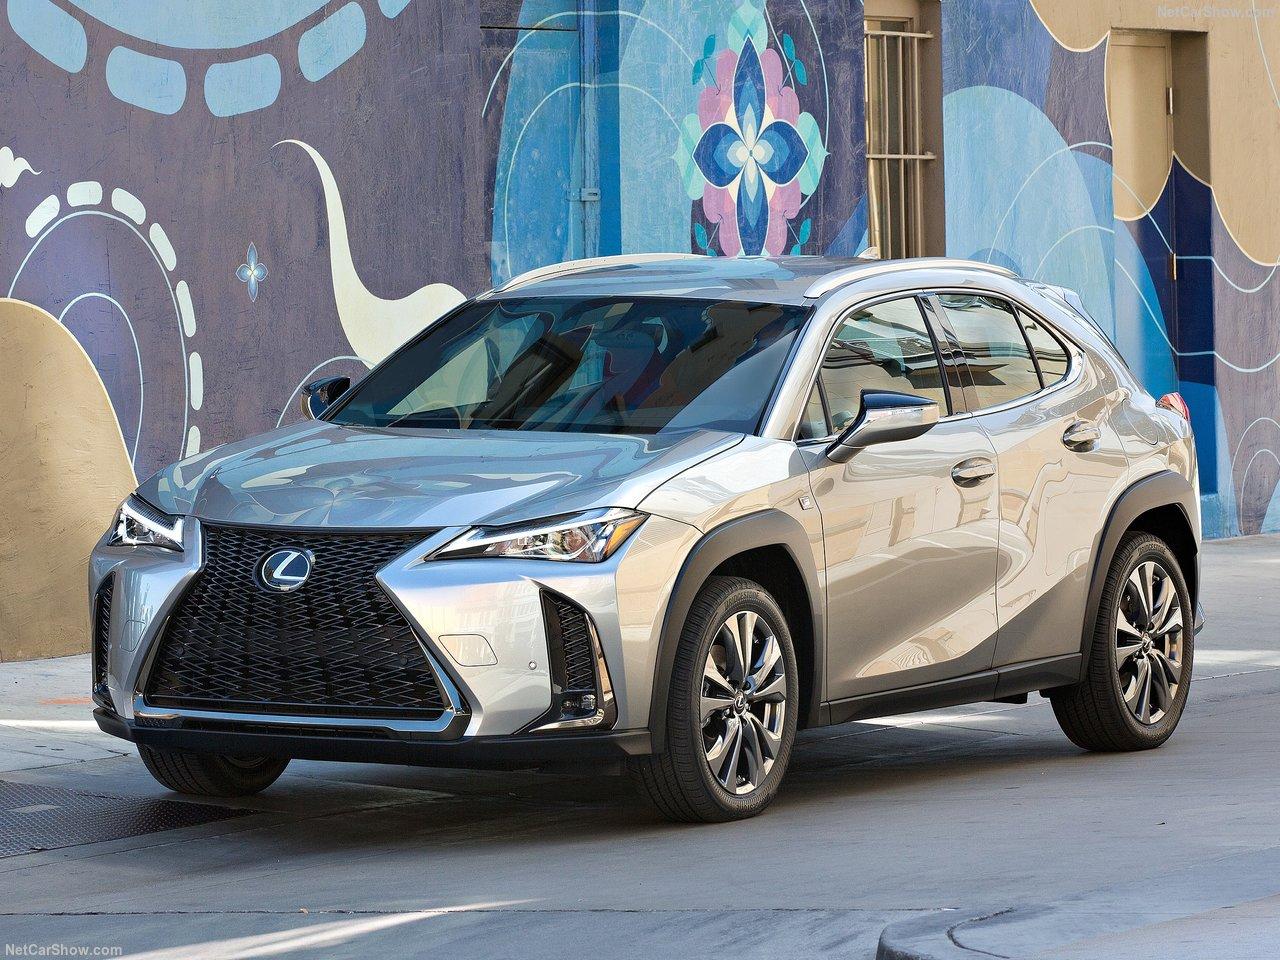 Lexus-UX-2019-1280-06_20180522102213b3e.jpg